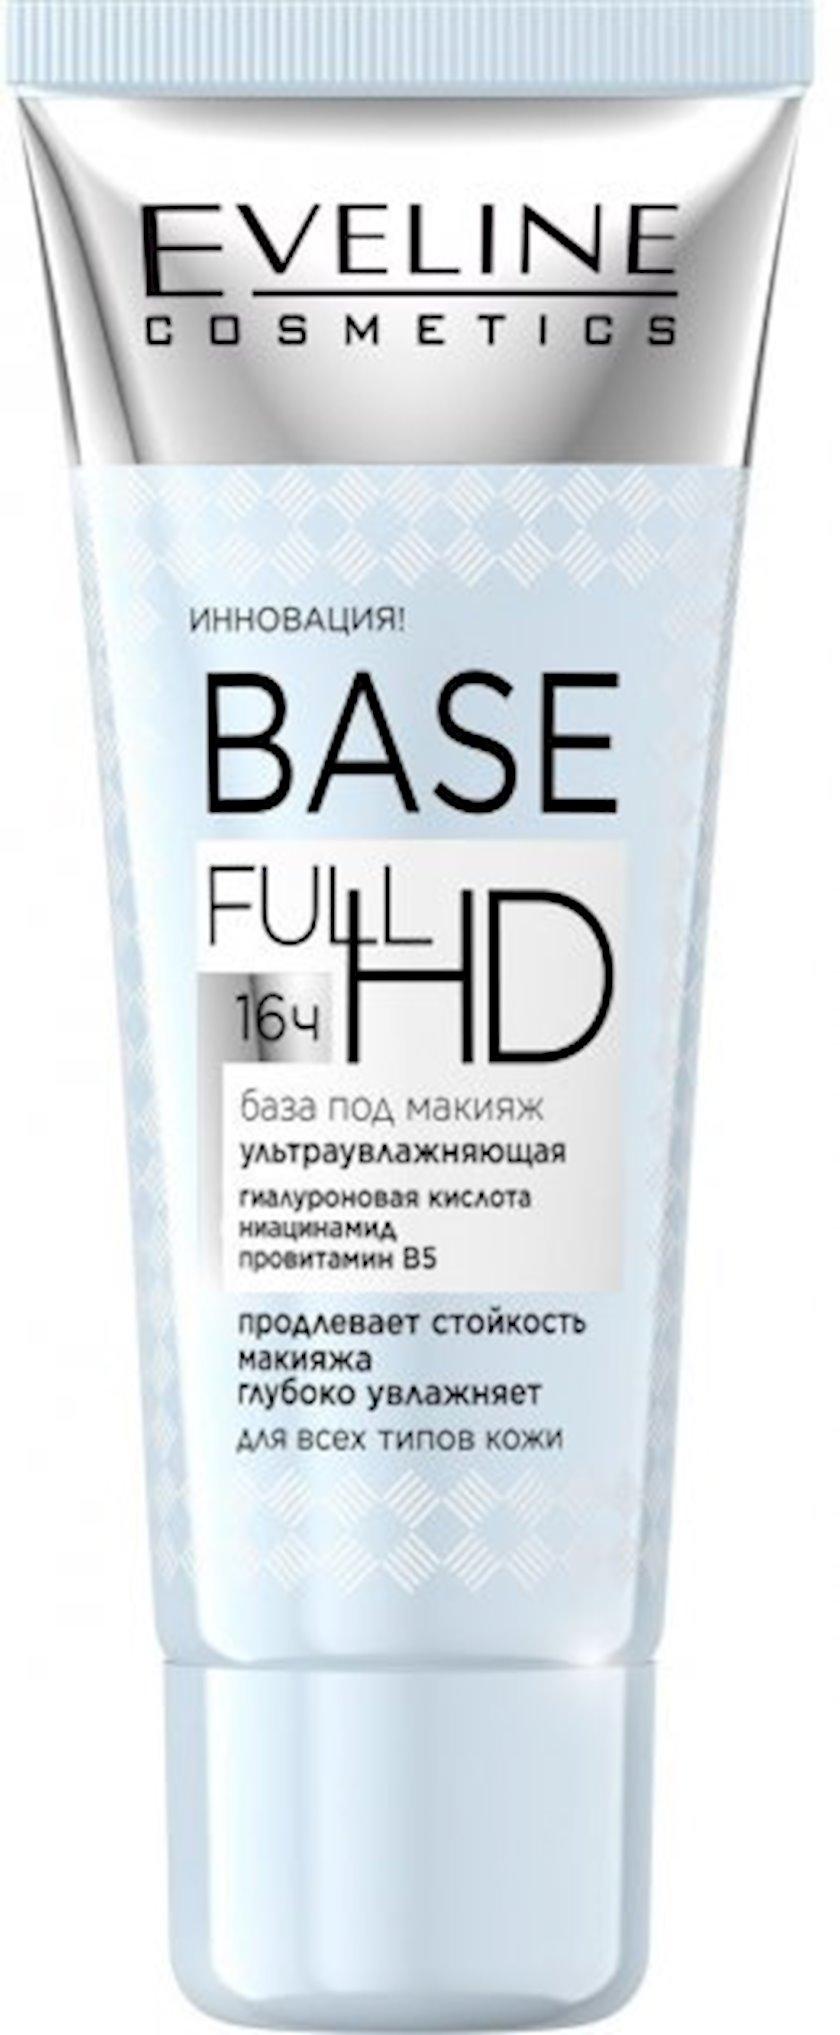 Hamarlaşdırıcı baza makiyaj üçün Eveline Cosmetics Base Full HD 30 ml